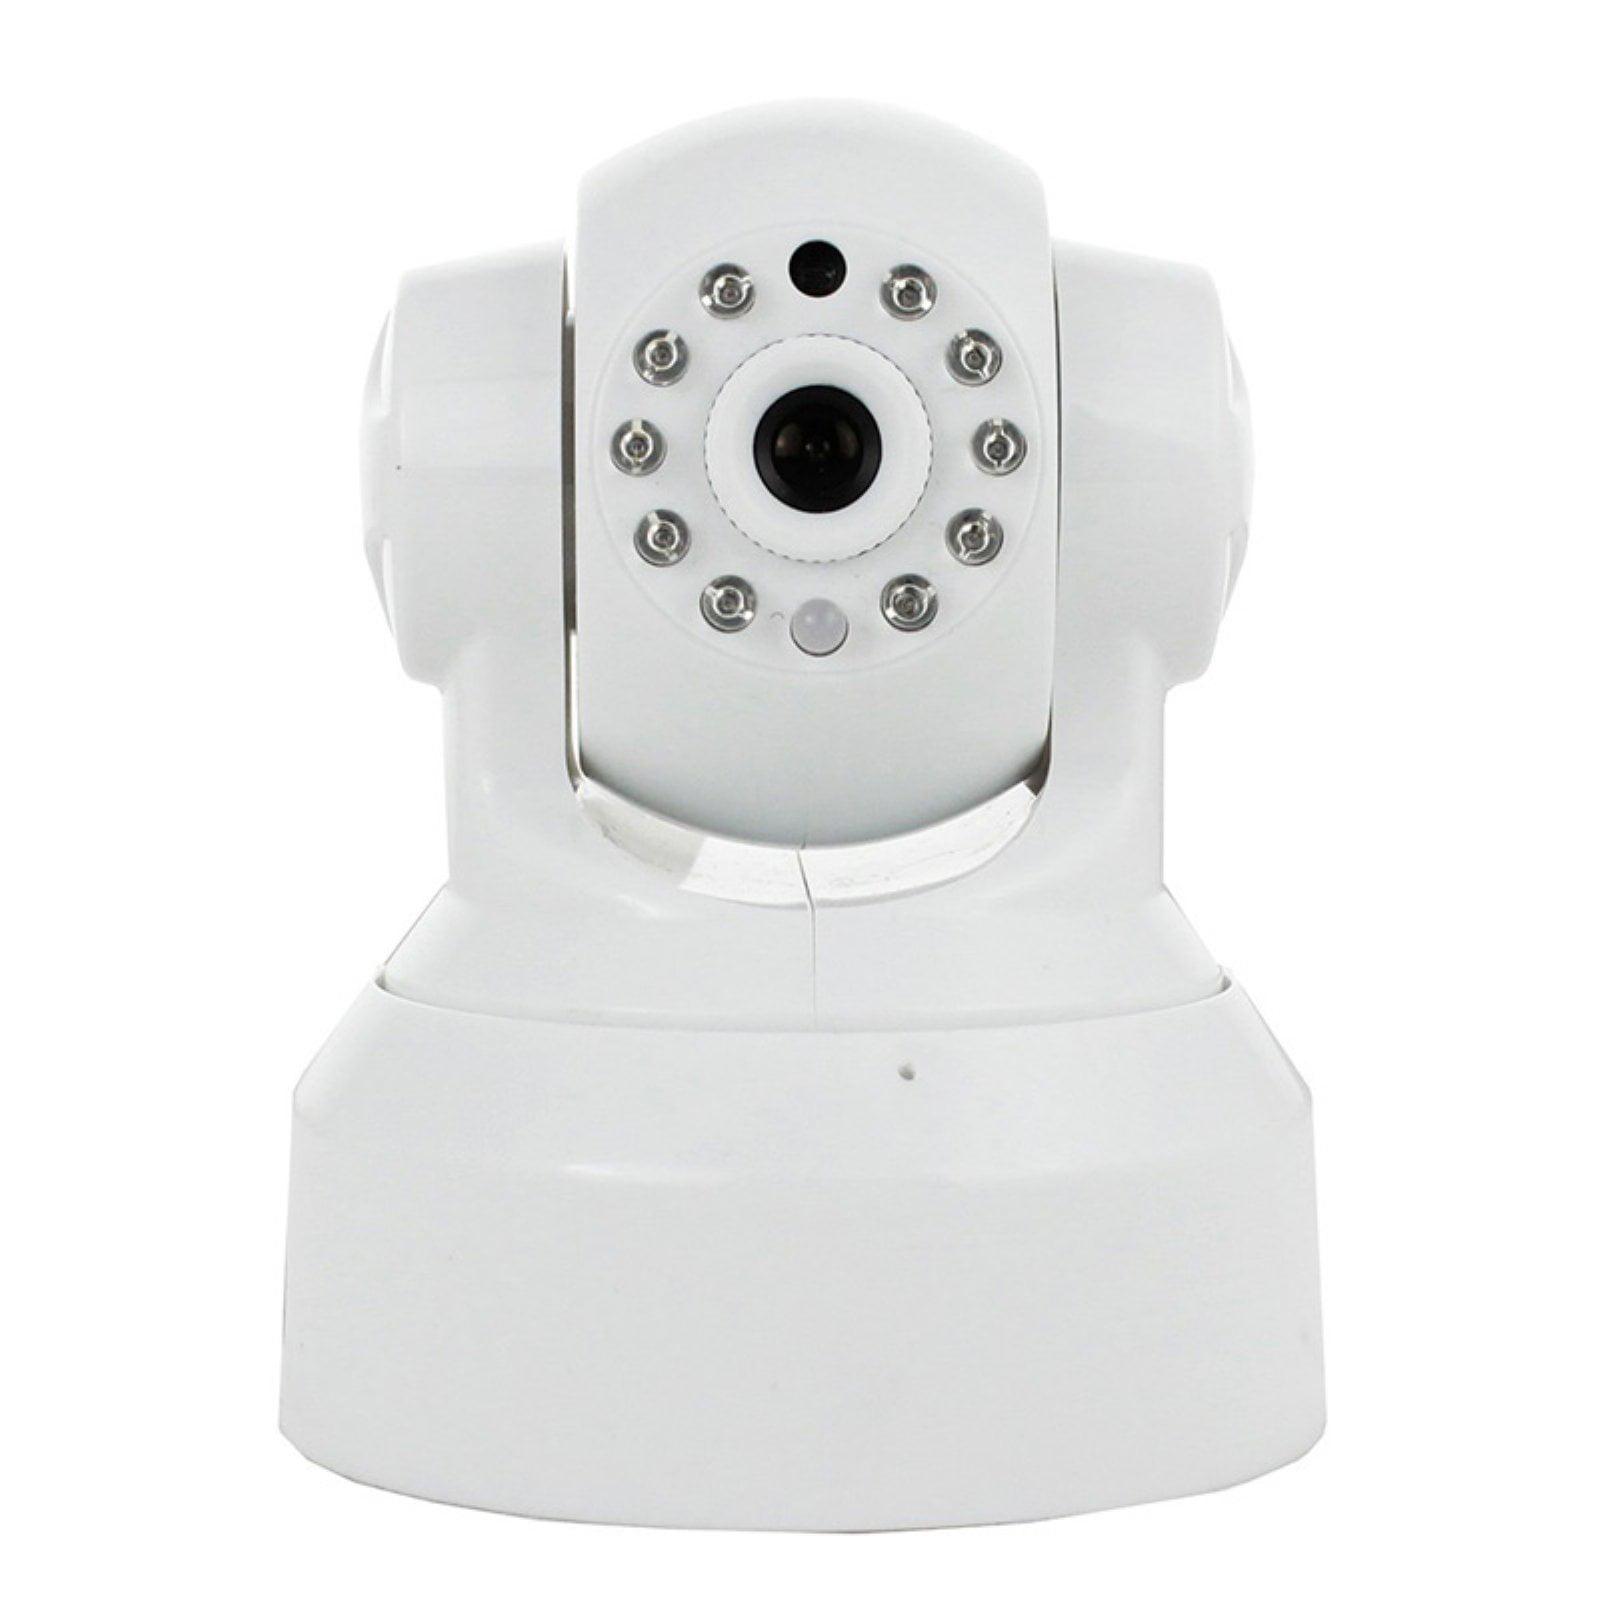 Skylink Net Wireless IP Indoor Pan ; Tilt HD Camera